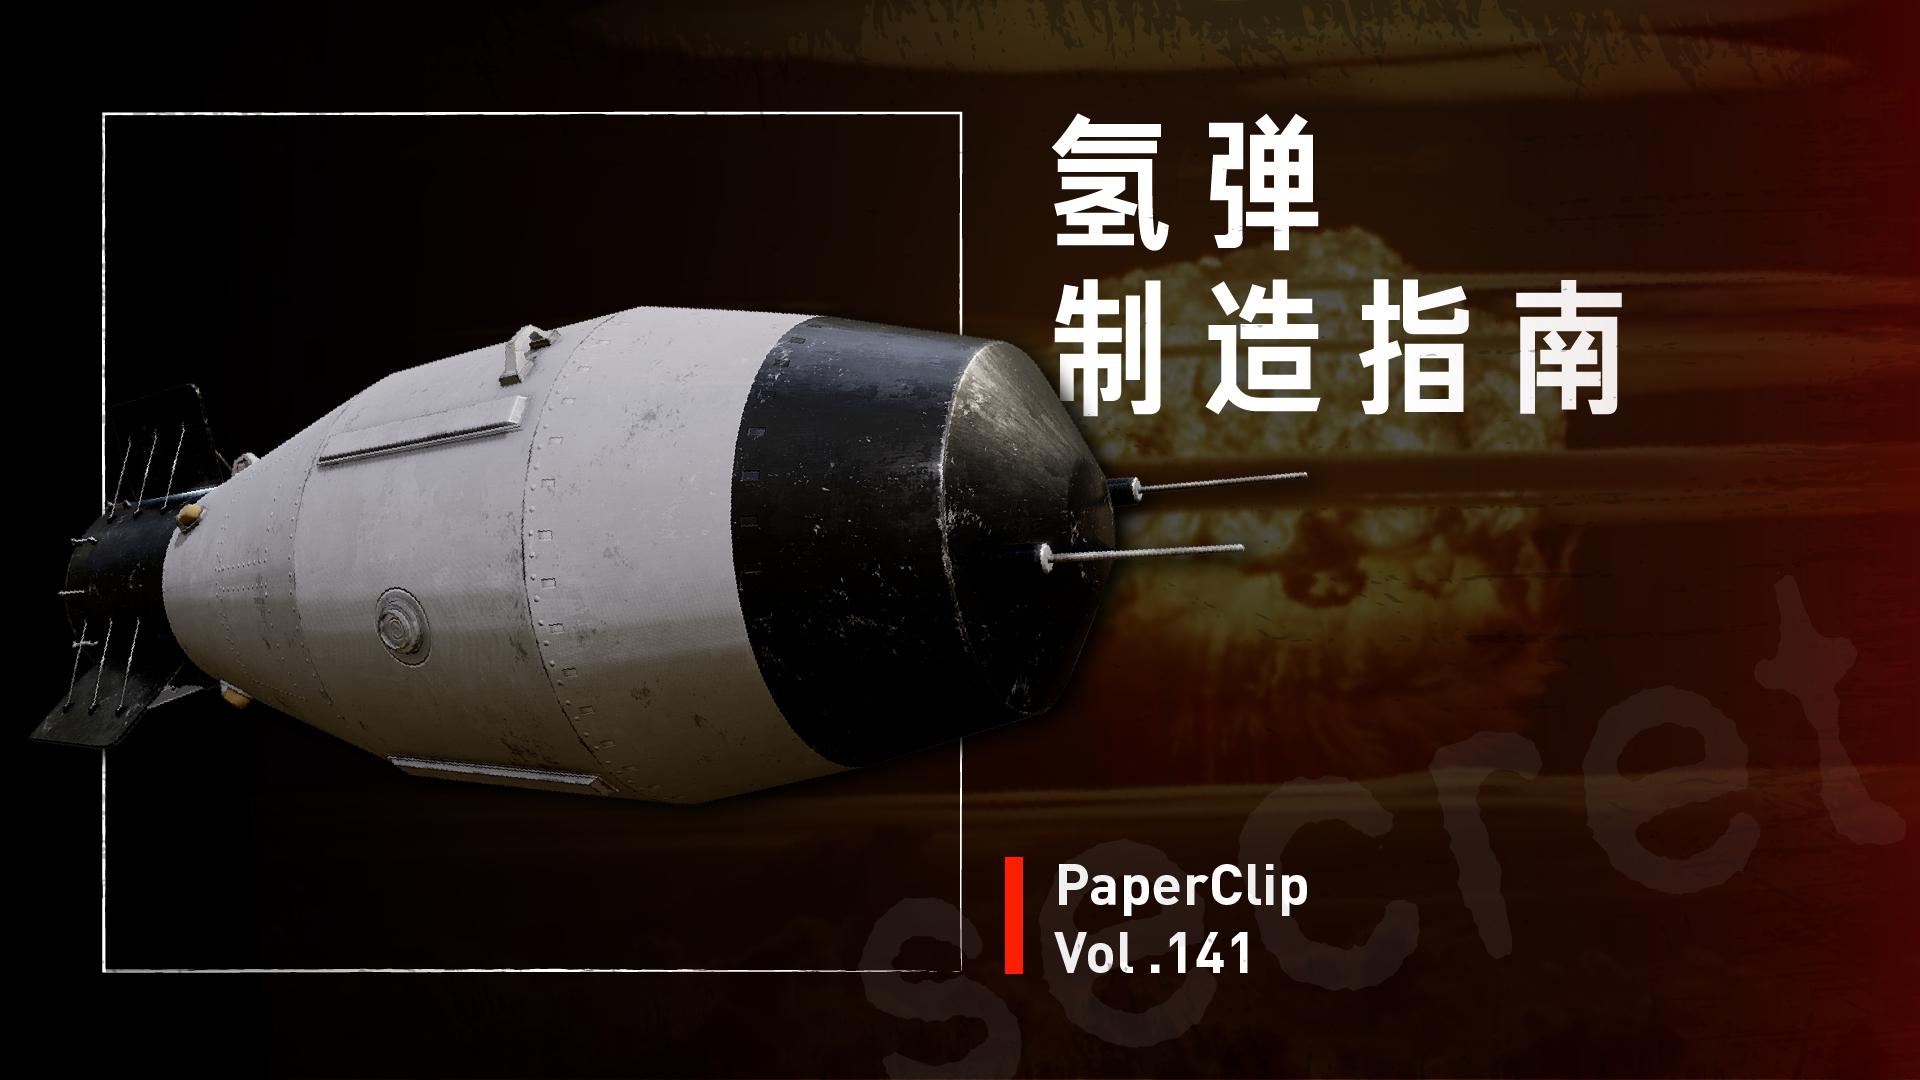 Vol.141 氢弹制造指南